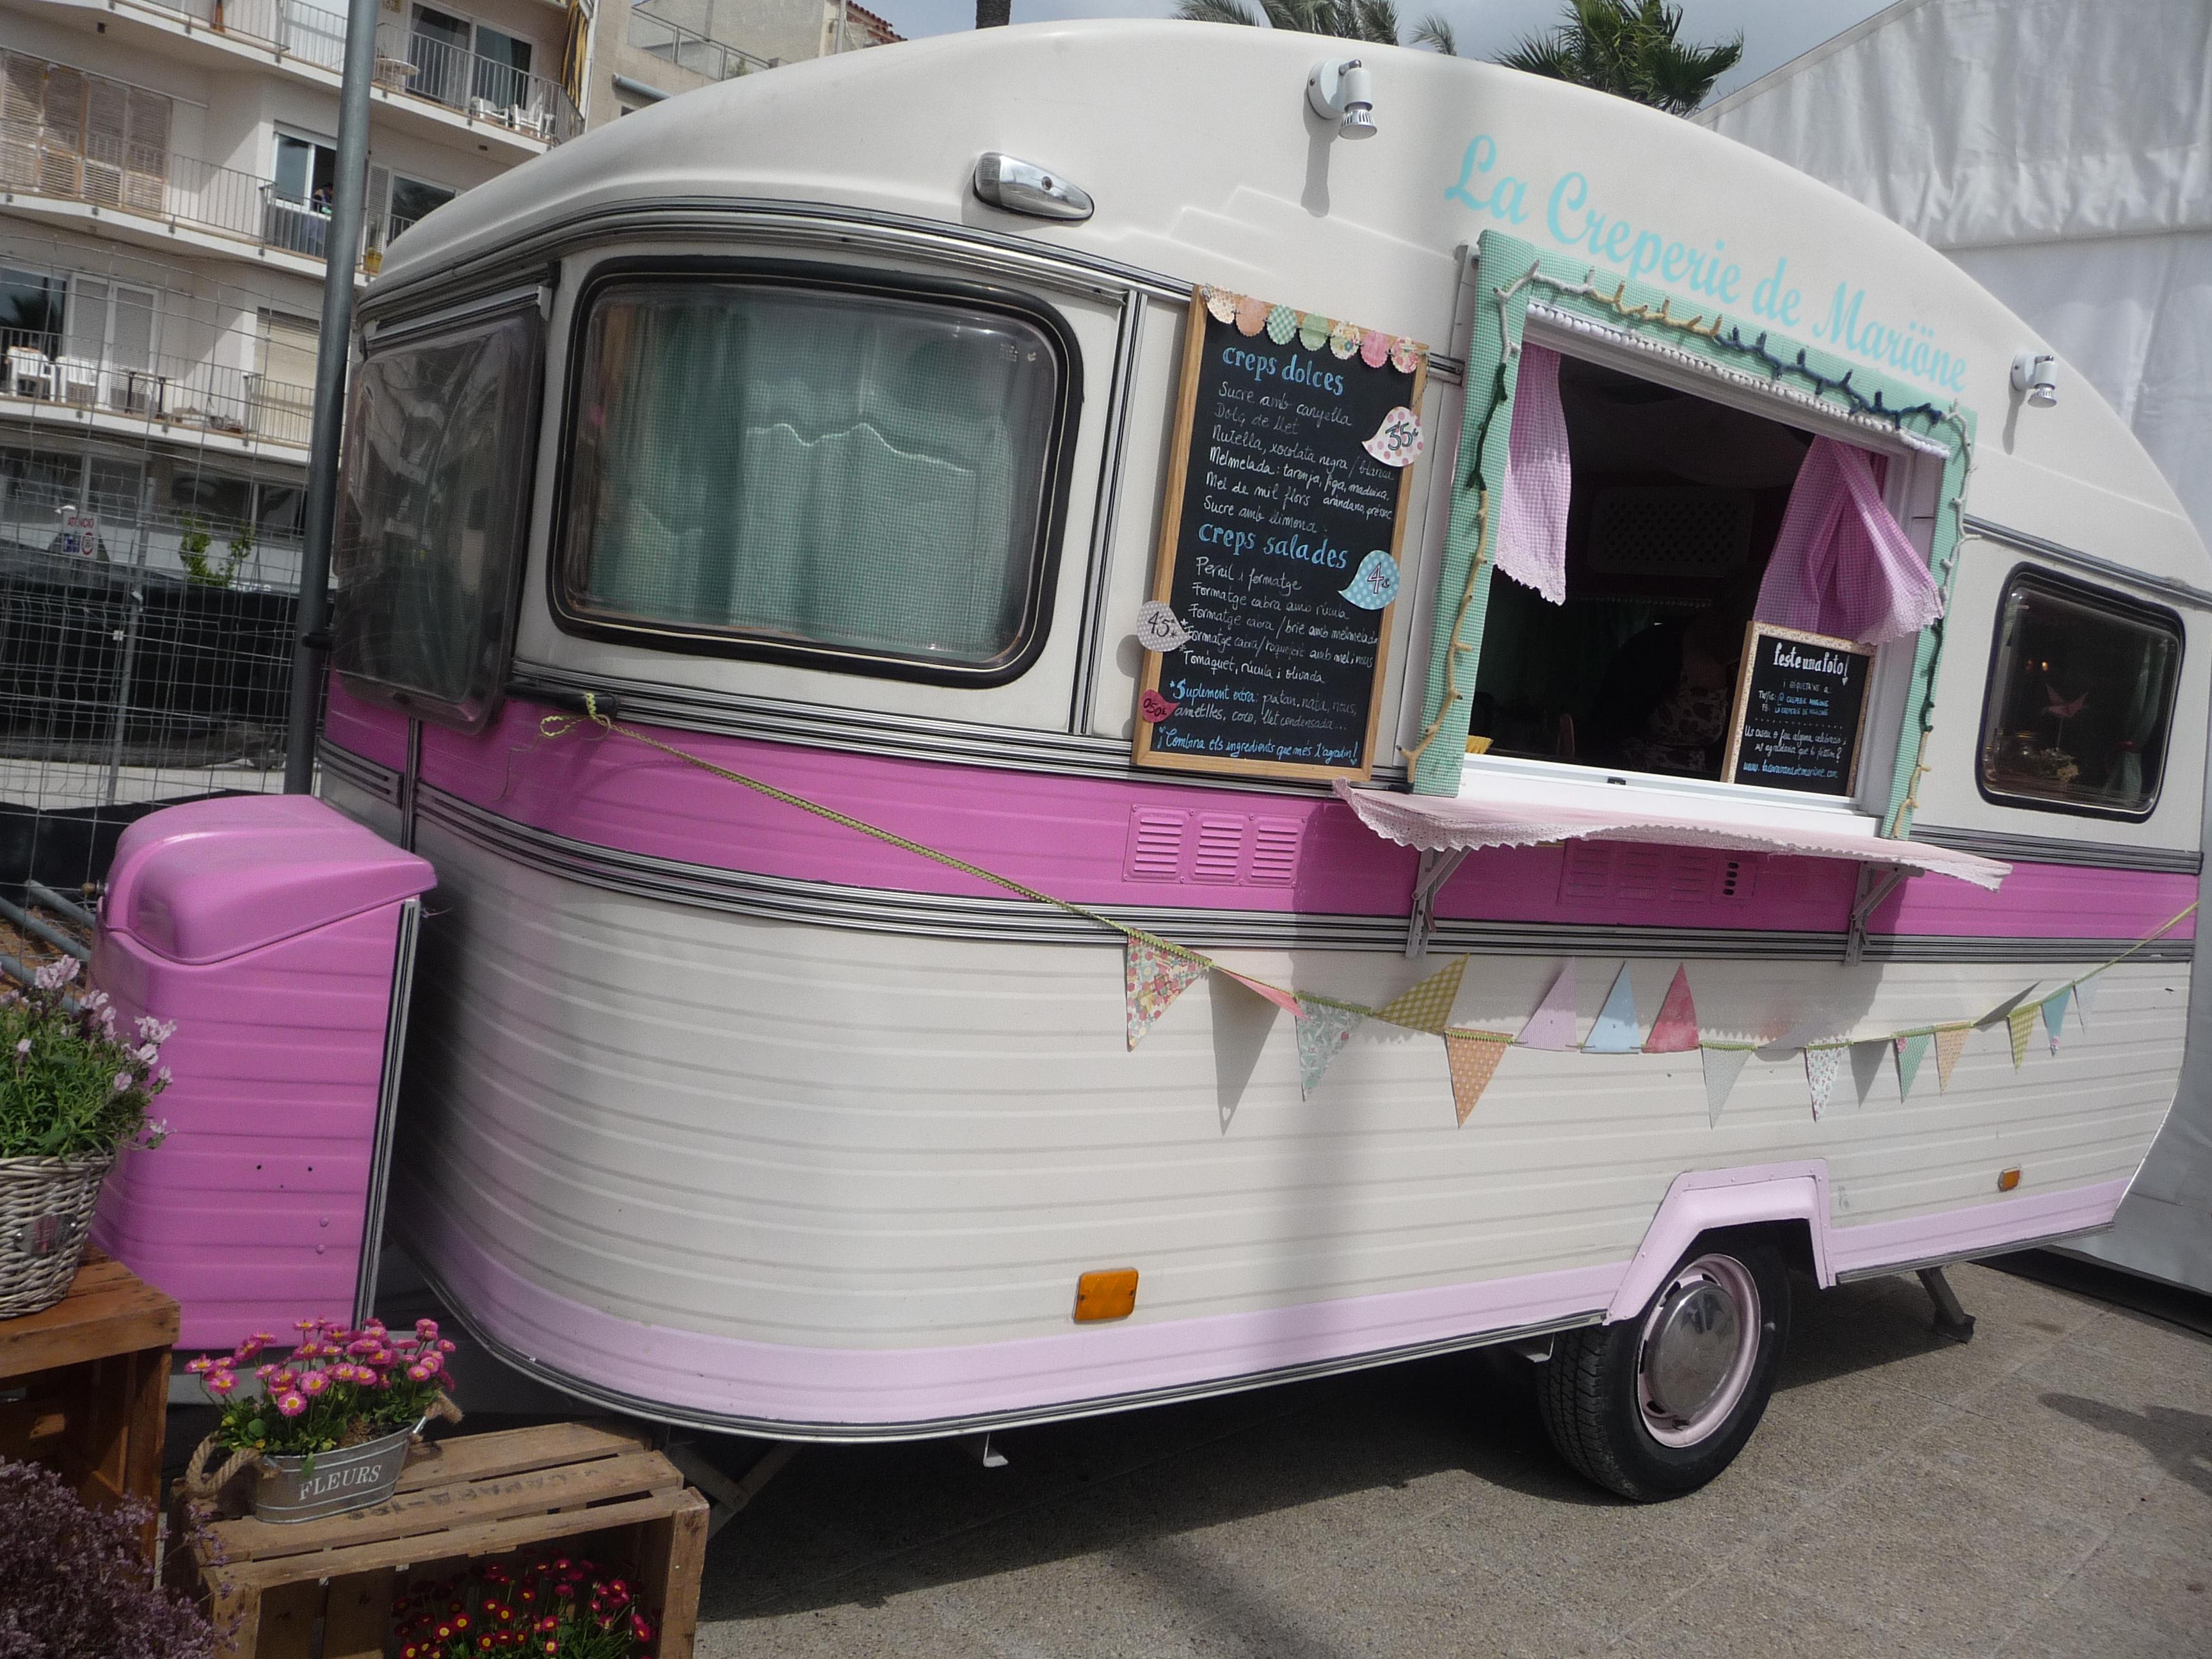 Caravana Scrapera Scrap + Sitges